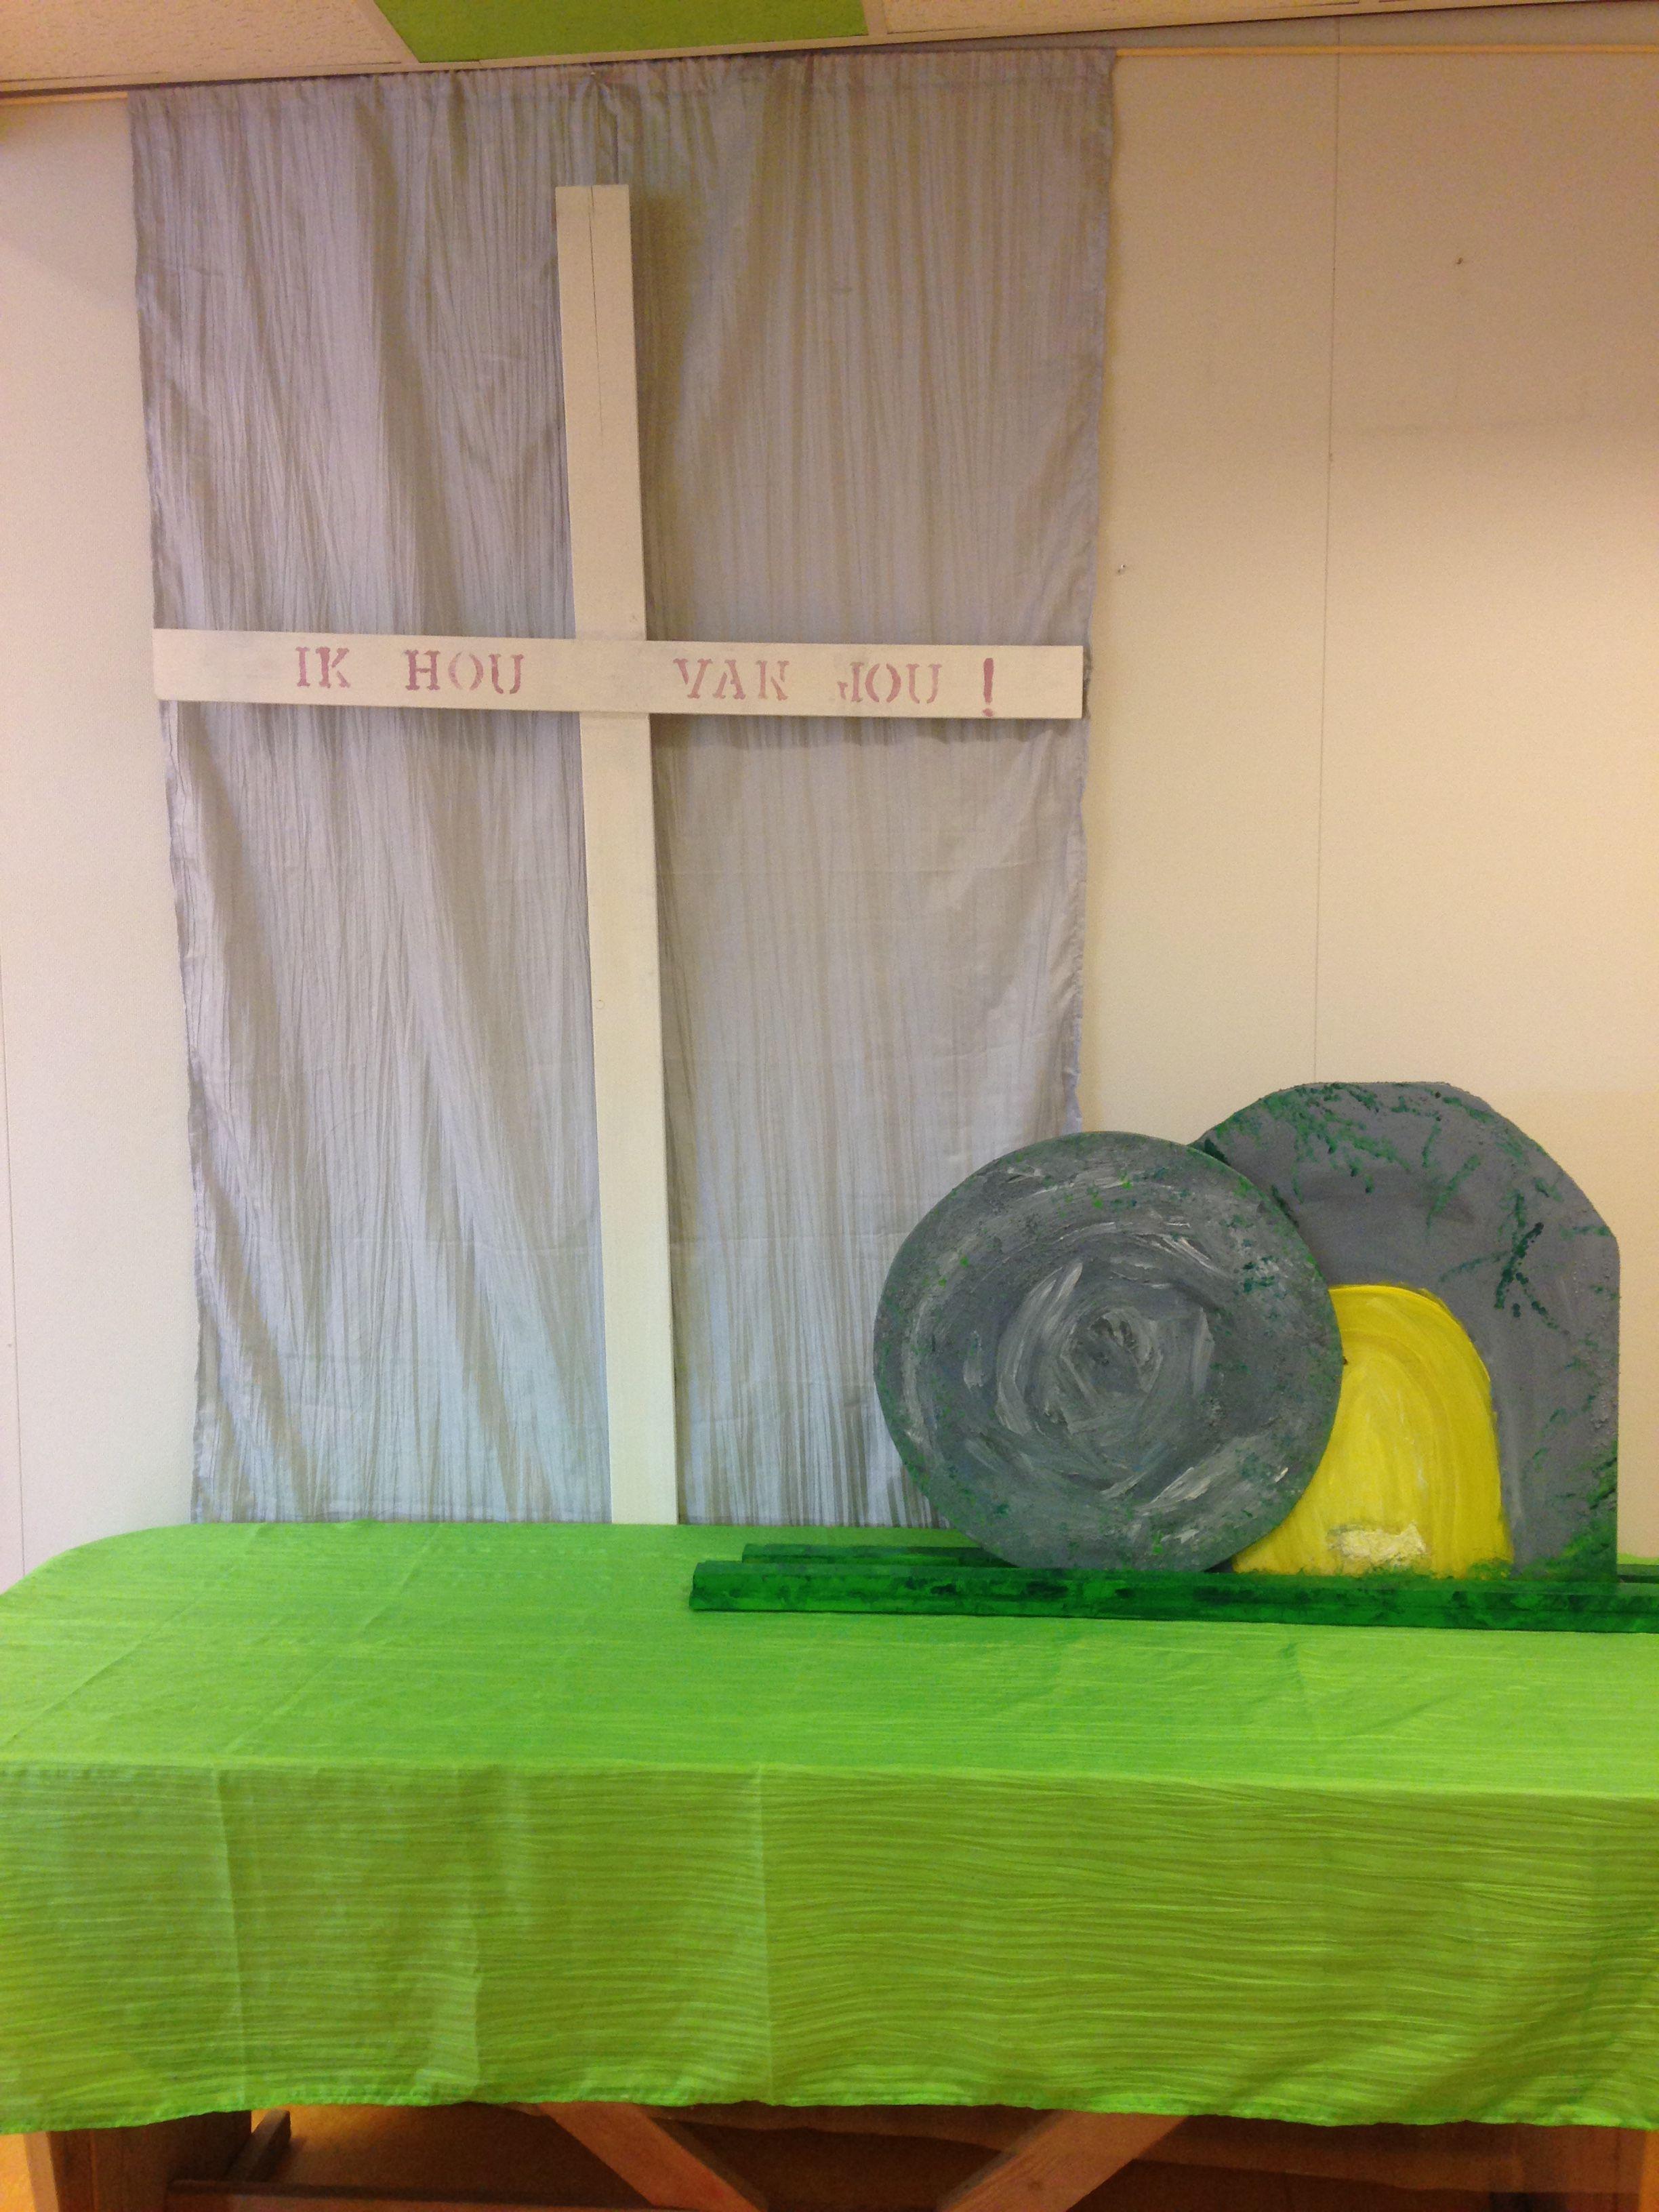 Pasen: het kruis waaraan Jezus stierf, maar waaruit Zijn liefde voor ons blijkt. Ik hou van jou! Jezus is opgestaan, het graf is leeg!  De steen is draaibaar. Wanneer de steen weggedraaid wordt, zie je dat het graf leeg is; Jezus is opgestaan. In het midden van de steen zit een boutje + moertje. Op het graf , ter hoogte van het midden van de steen, zit een horizontale gleuf waar de bout / moer + wiel doorheen/ achterlangs glijdt. Materiaal: MDF, acrylverf met steentjes erdoorheen , latjes…